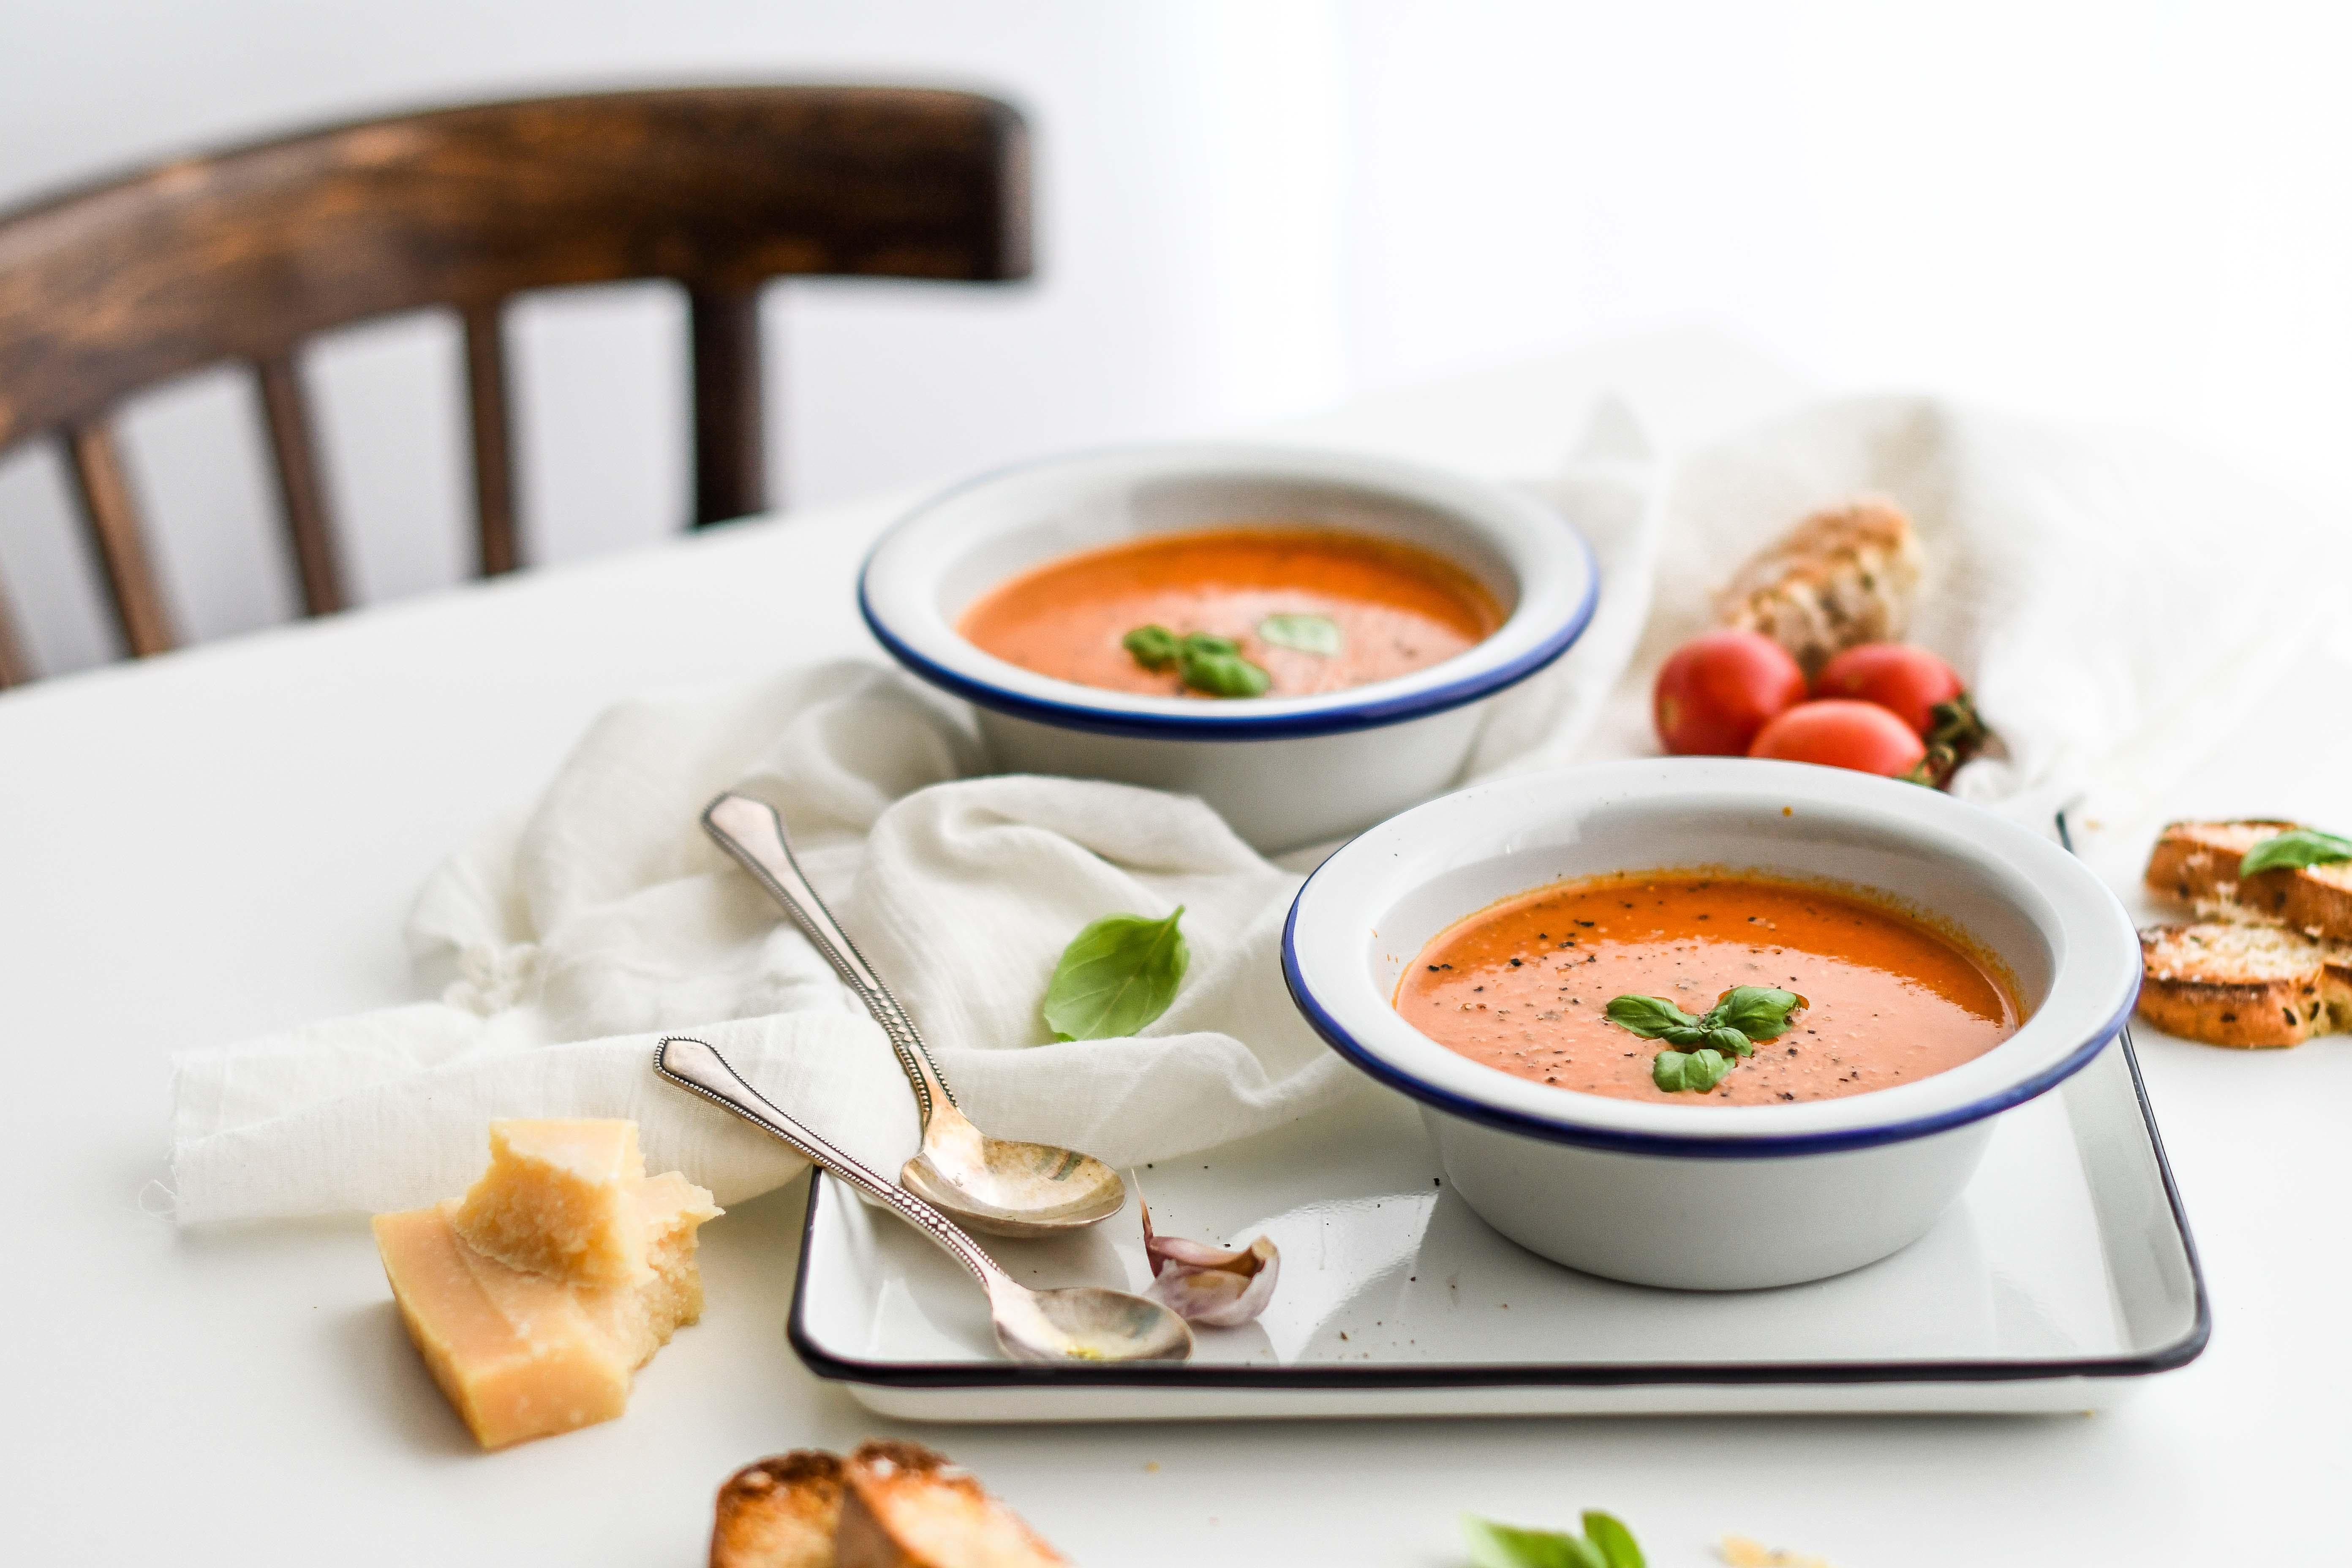 paradajkova polievka / tomato soup